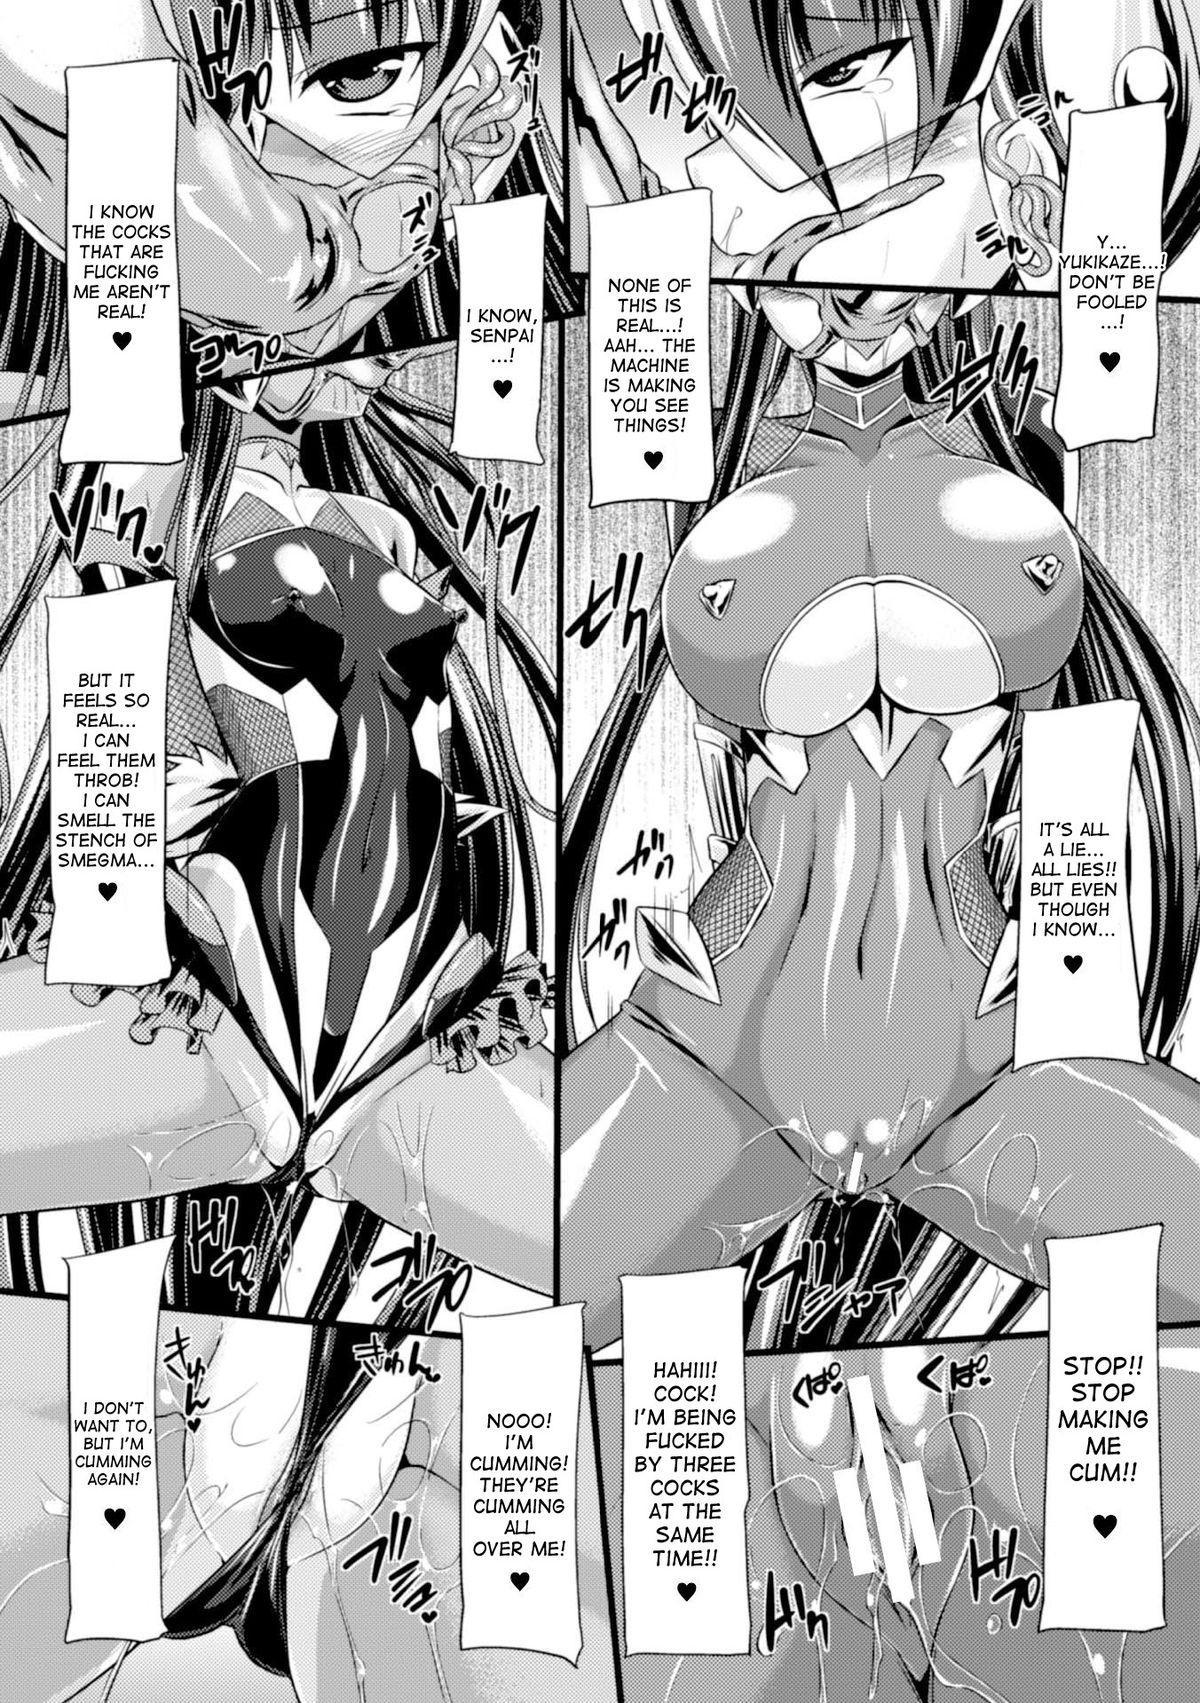 [Gonzaburo-] Taimanin Yukikaze - Taimanin wa Ingoku ni Shizumu #1-6 | Taimanin Yukikaze - Taimanin's fall into the lewd hell #1-5 [English] [desudesu] [Digital] 35